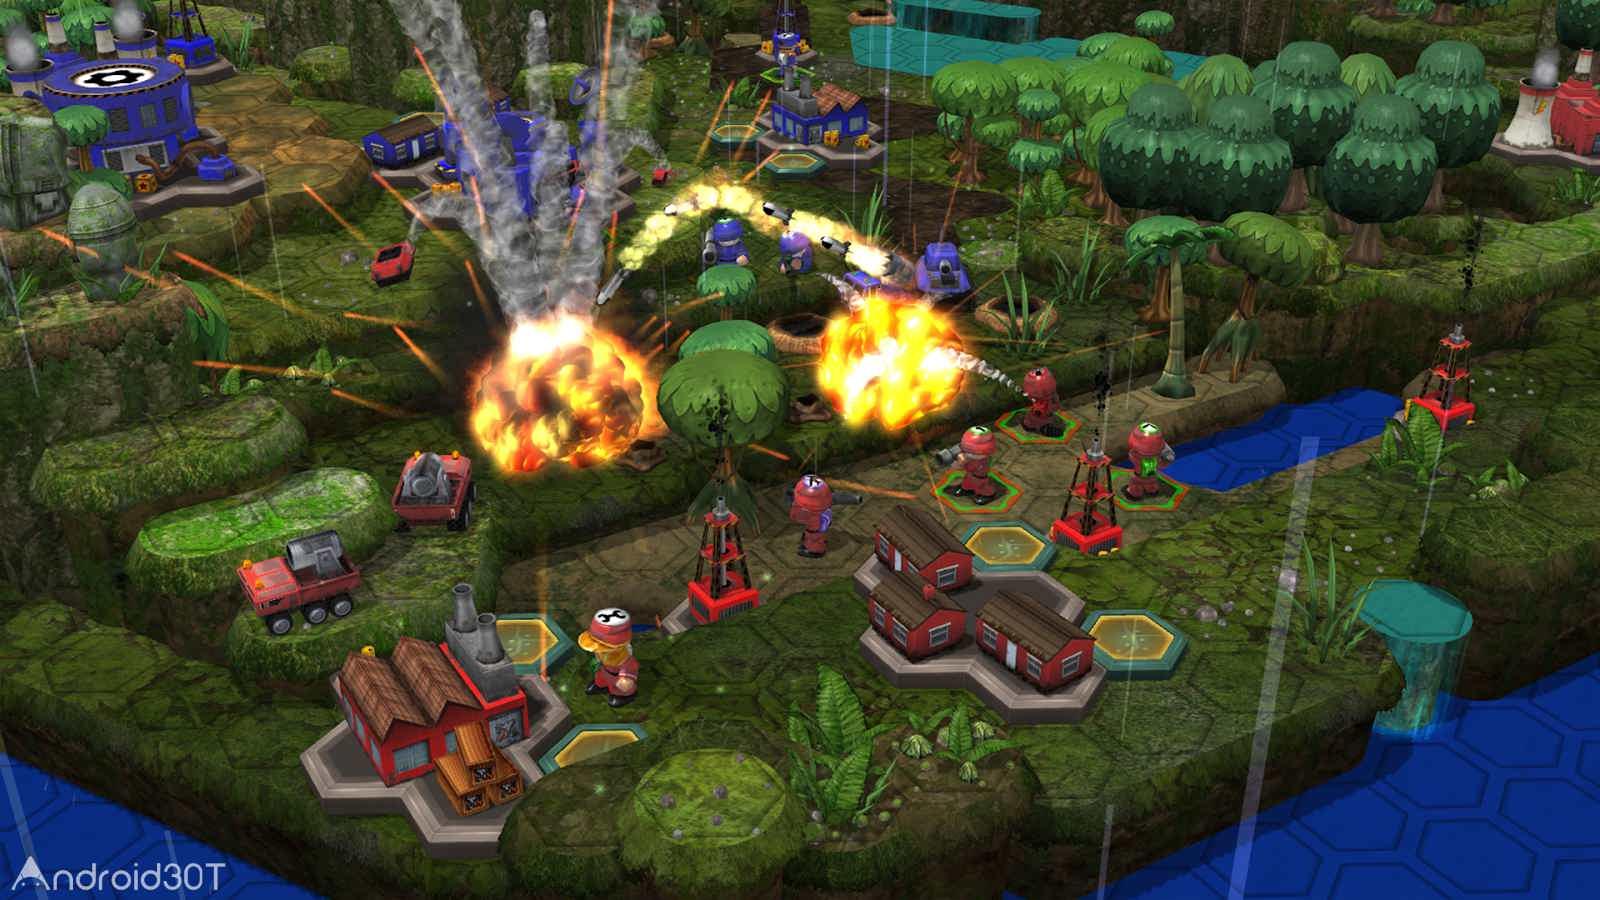 دانلود Epic Little War Game 1.10 – بازی استراتژیک جنگ کوچک حماسی اندروید